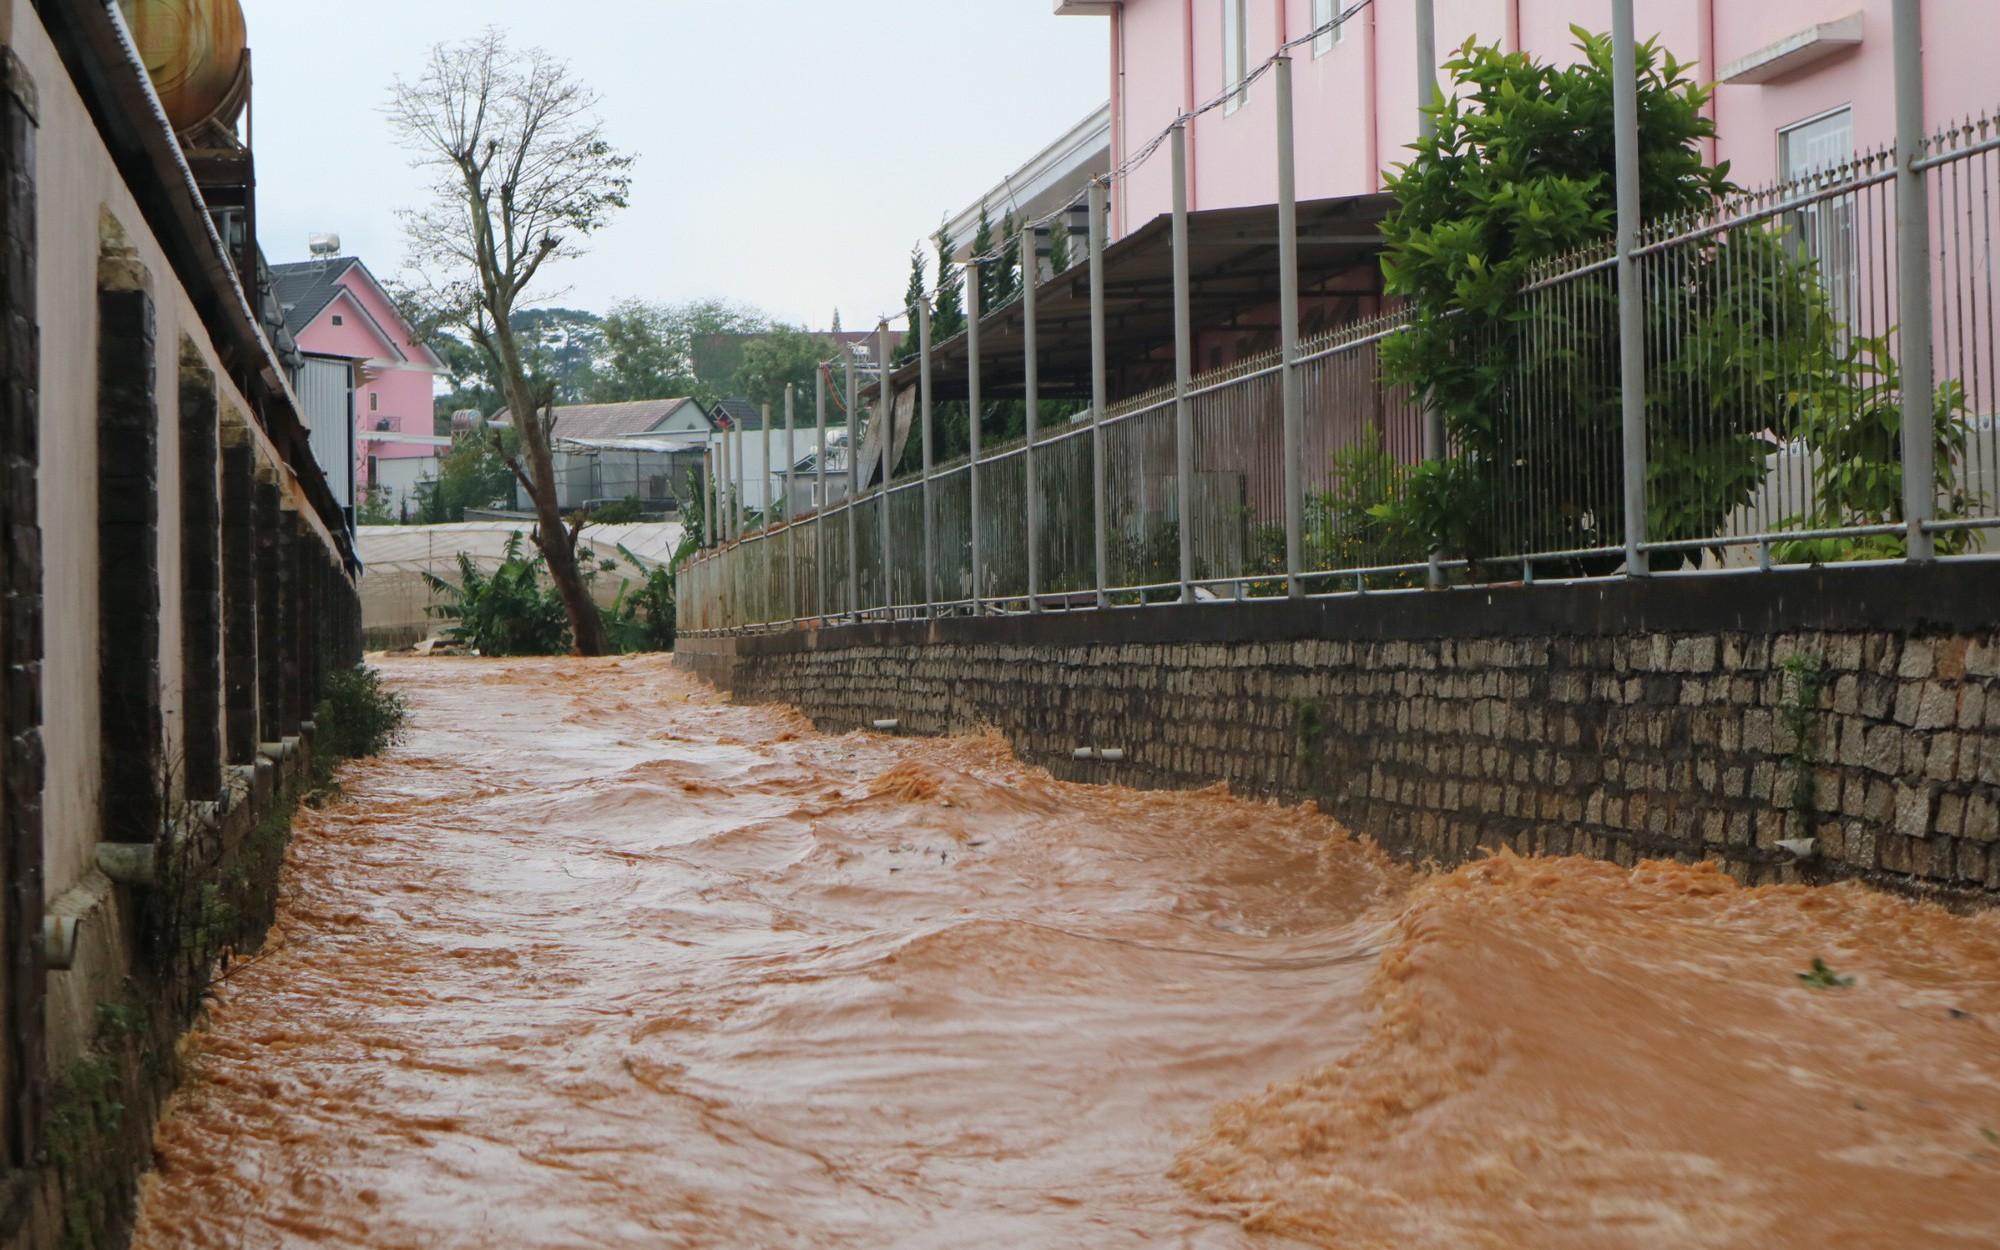 Đà Lạt mưa lớn kéo dài, nhiều nơi ngập nặng, người dân cuống cuồng lội nước